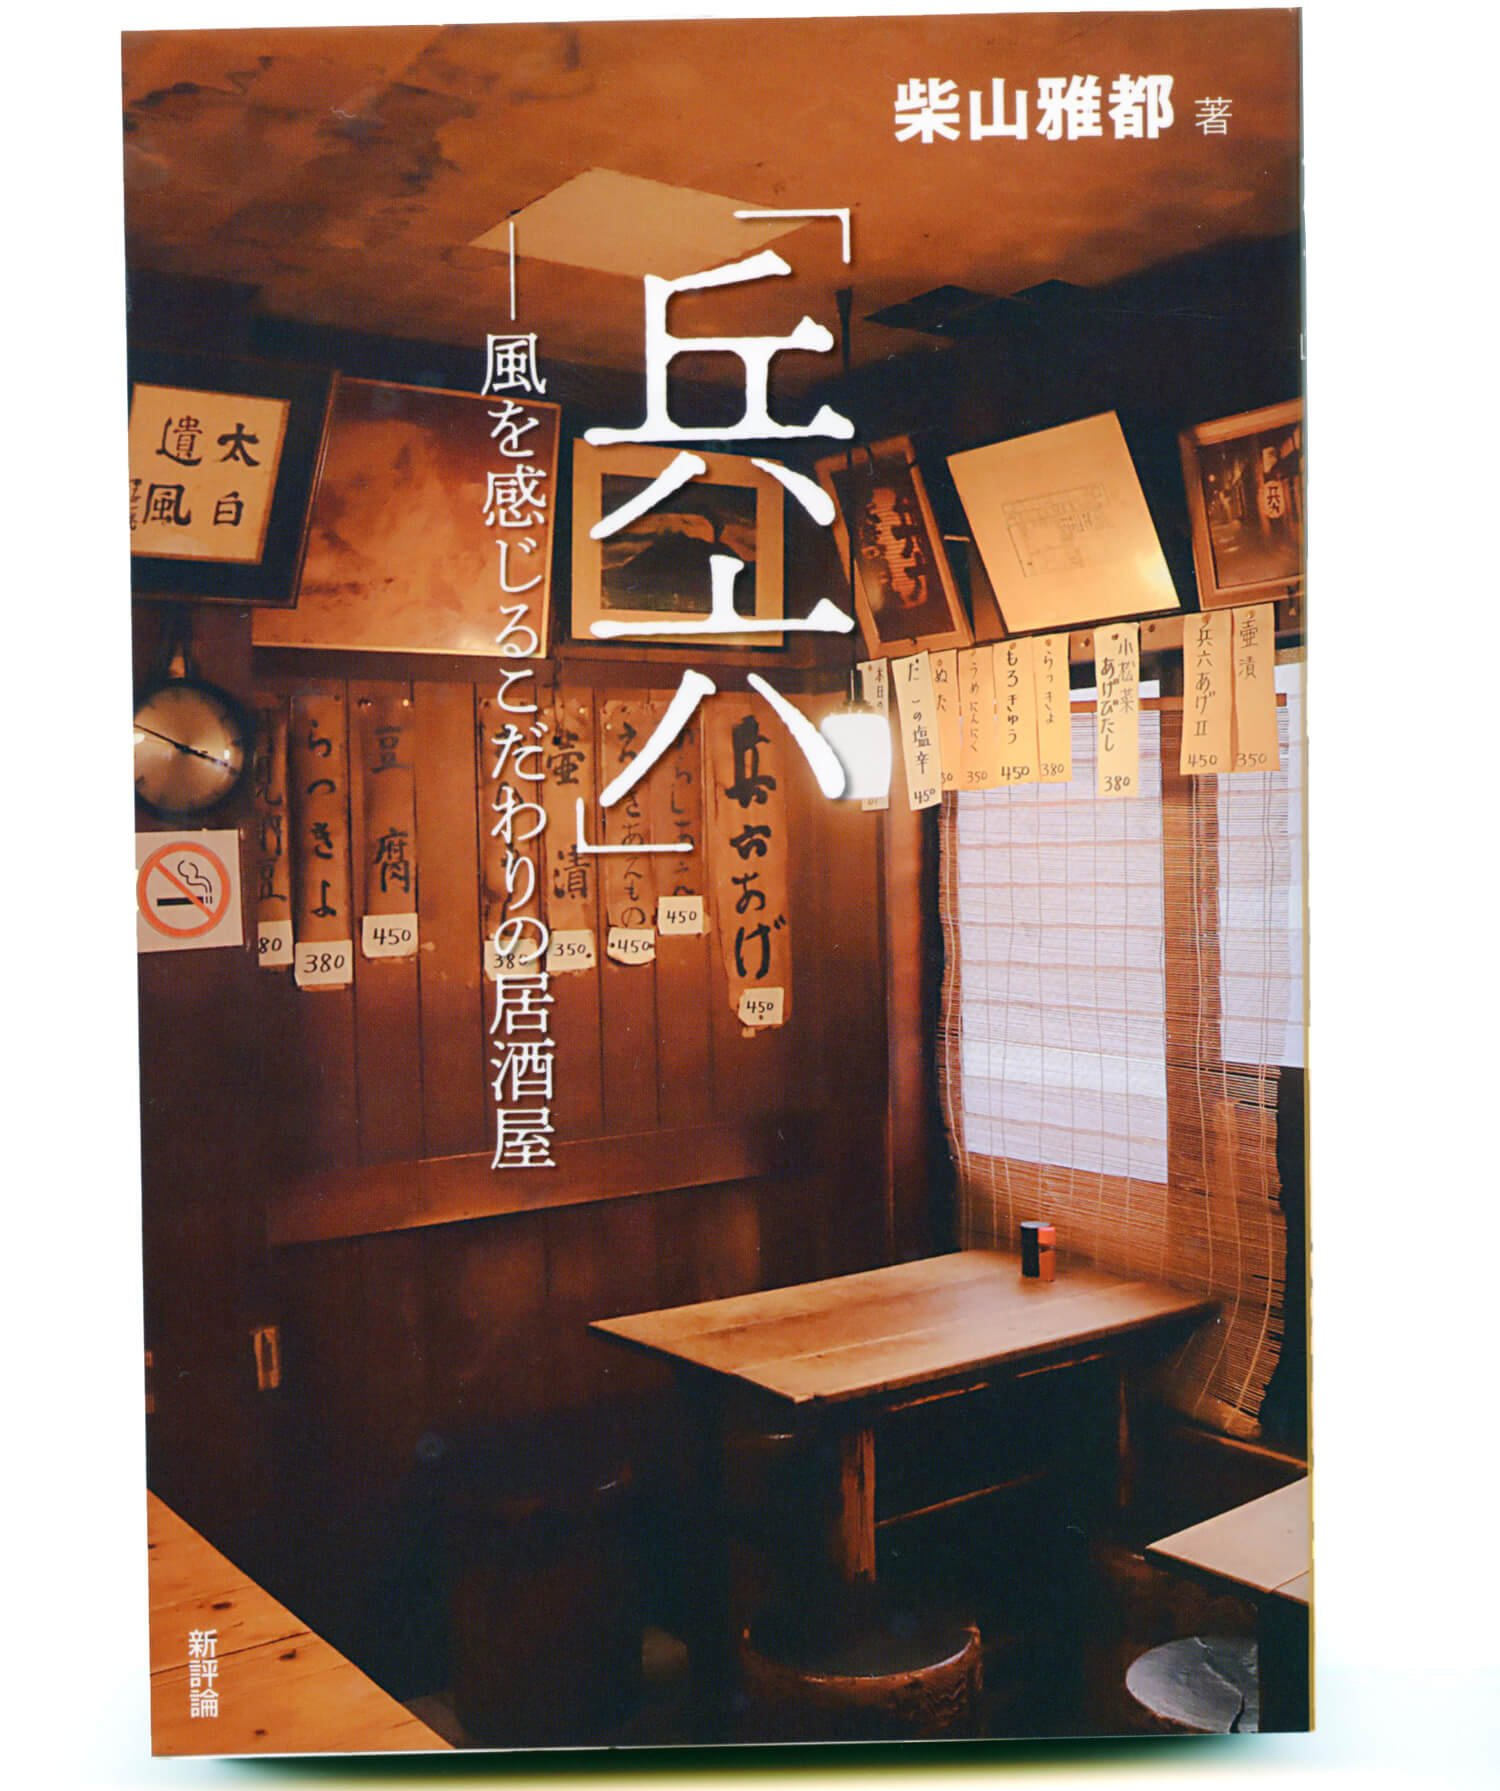 柴山雅都 著/ 新評論/ 2200円+税